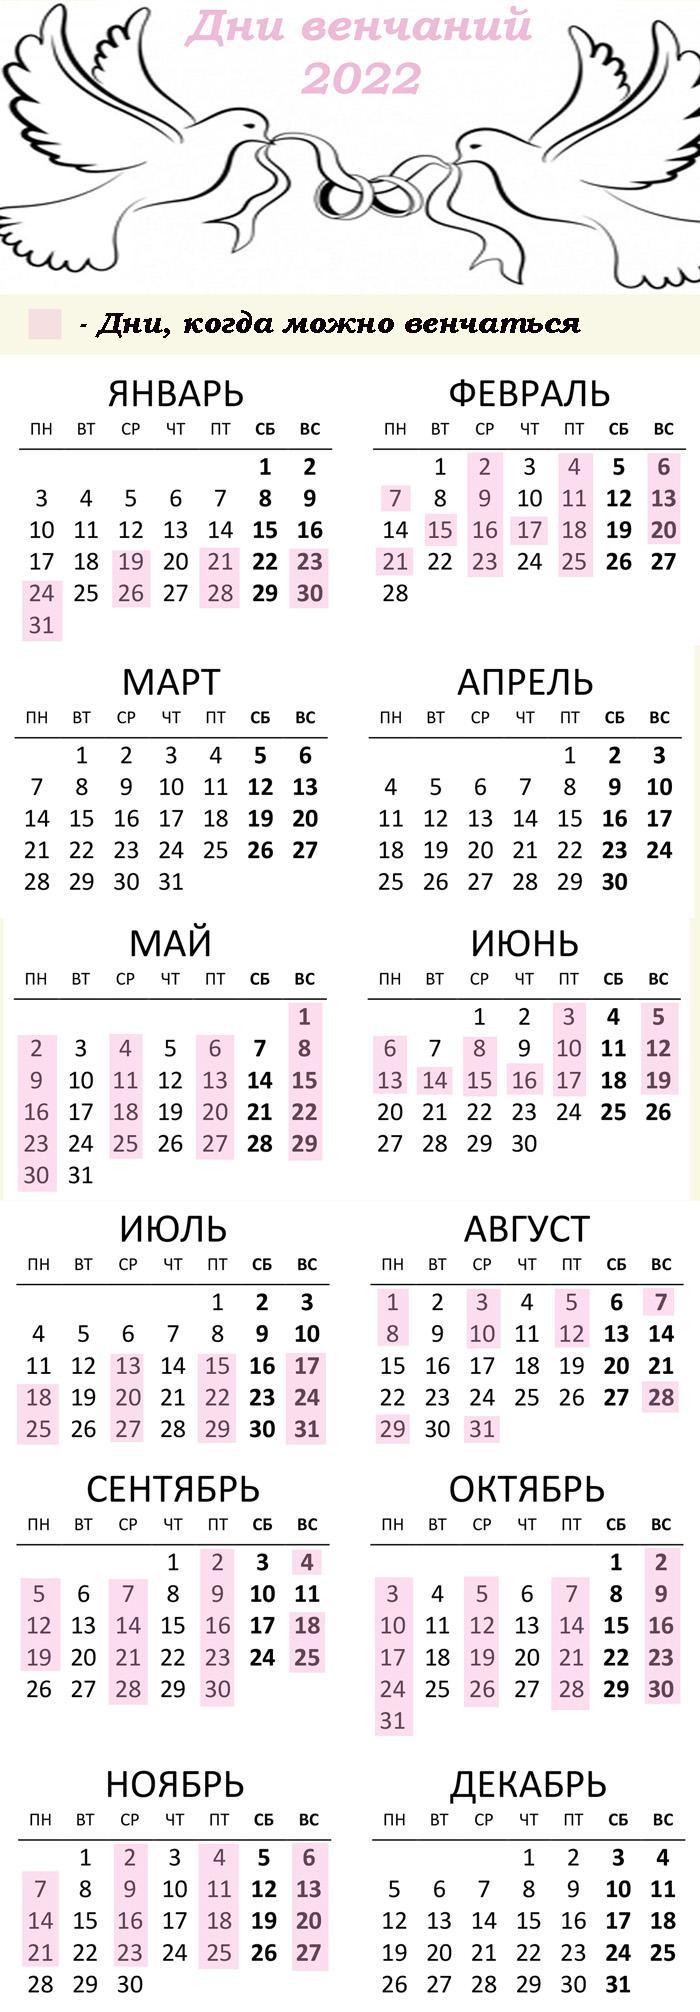 Календарь - дни для венчаний в 2022 году